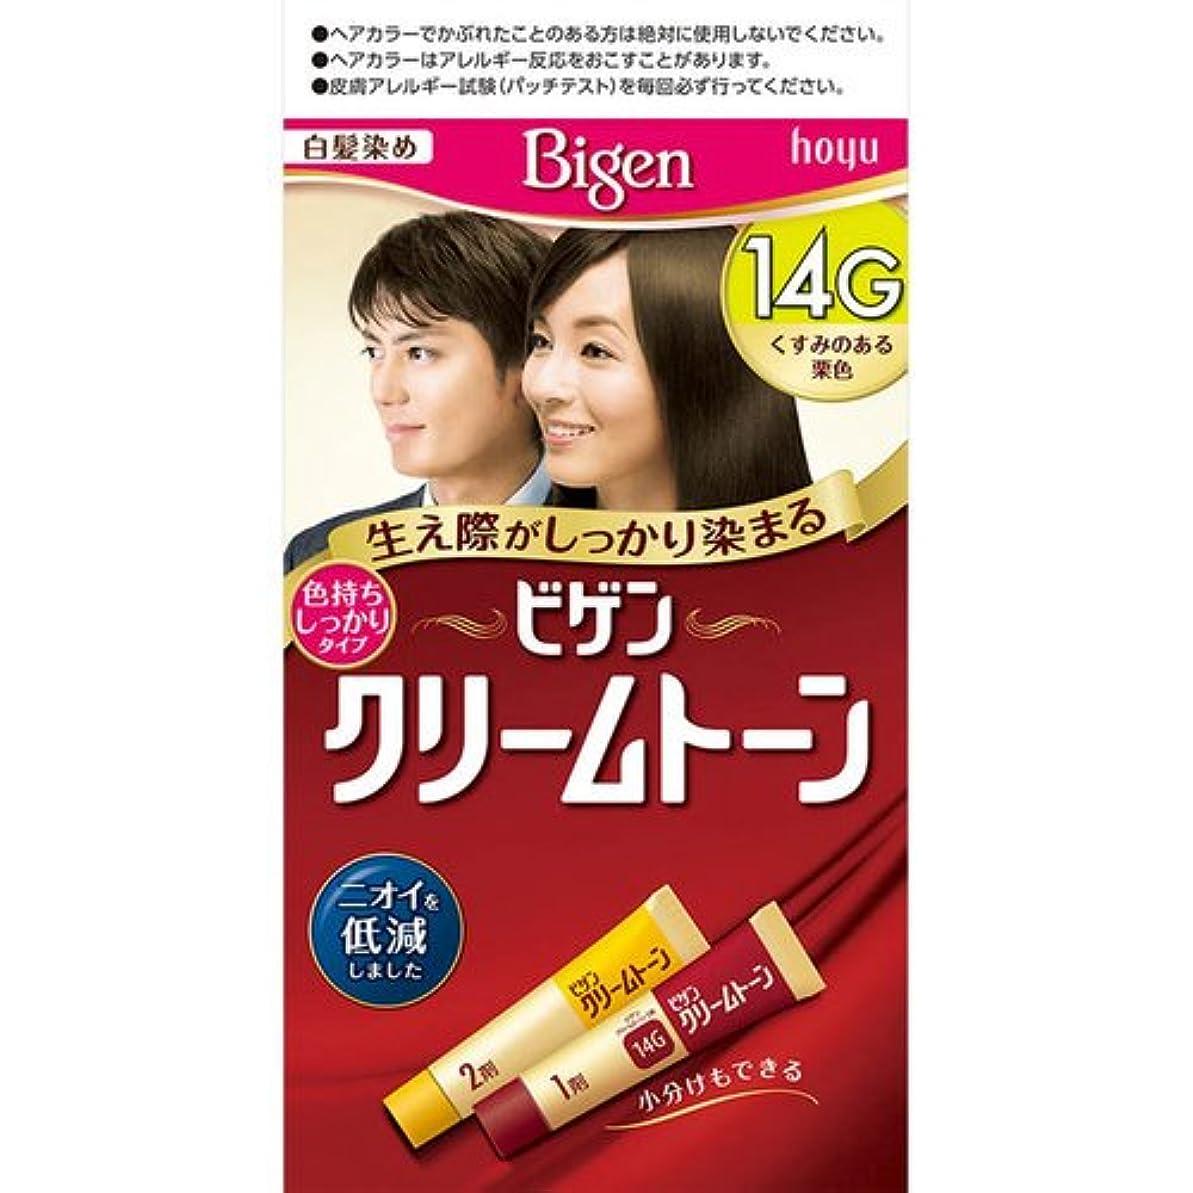 決して被る効能ビゲン クリームトーン 14G くすみのある栗色 40g+40g[医薬部外品]